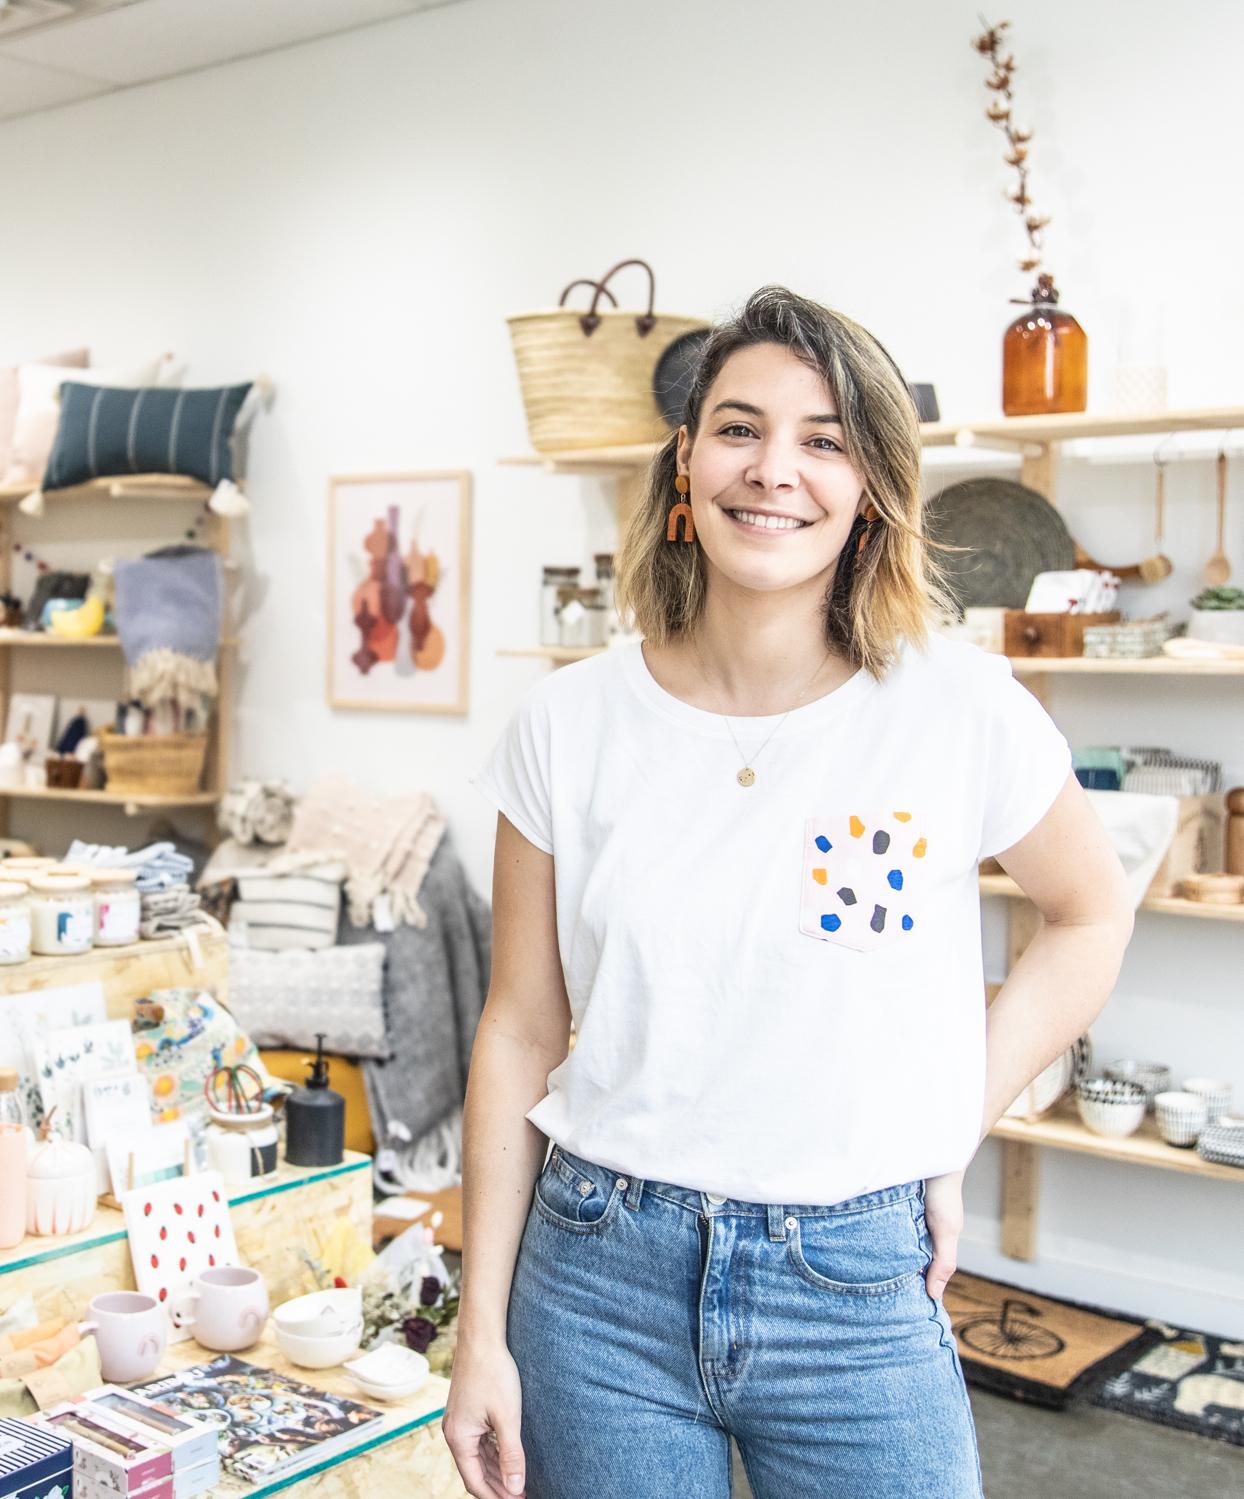 Marie Letard dans la boutique Bouche Bée